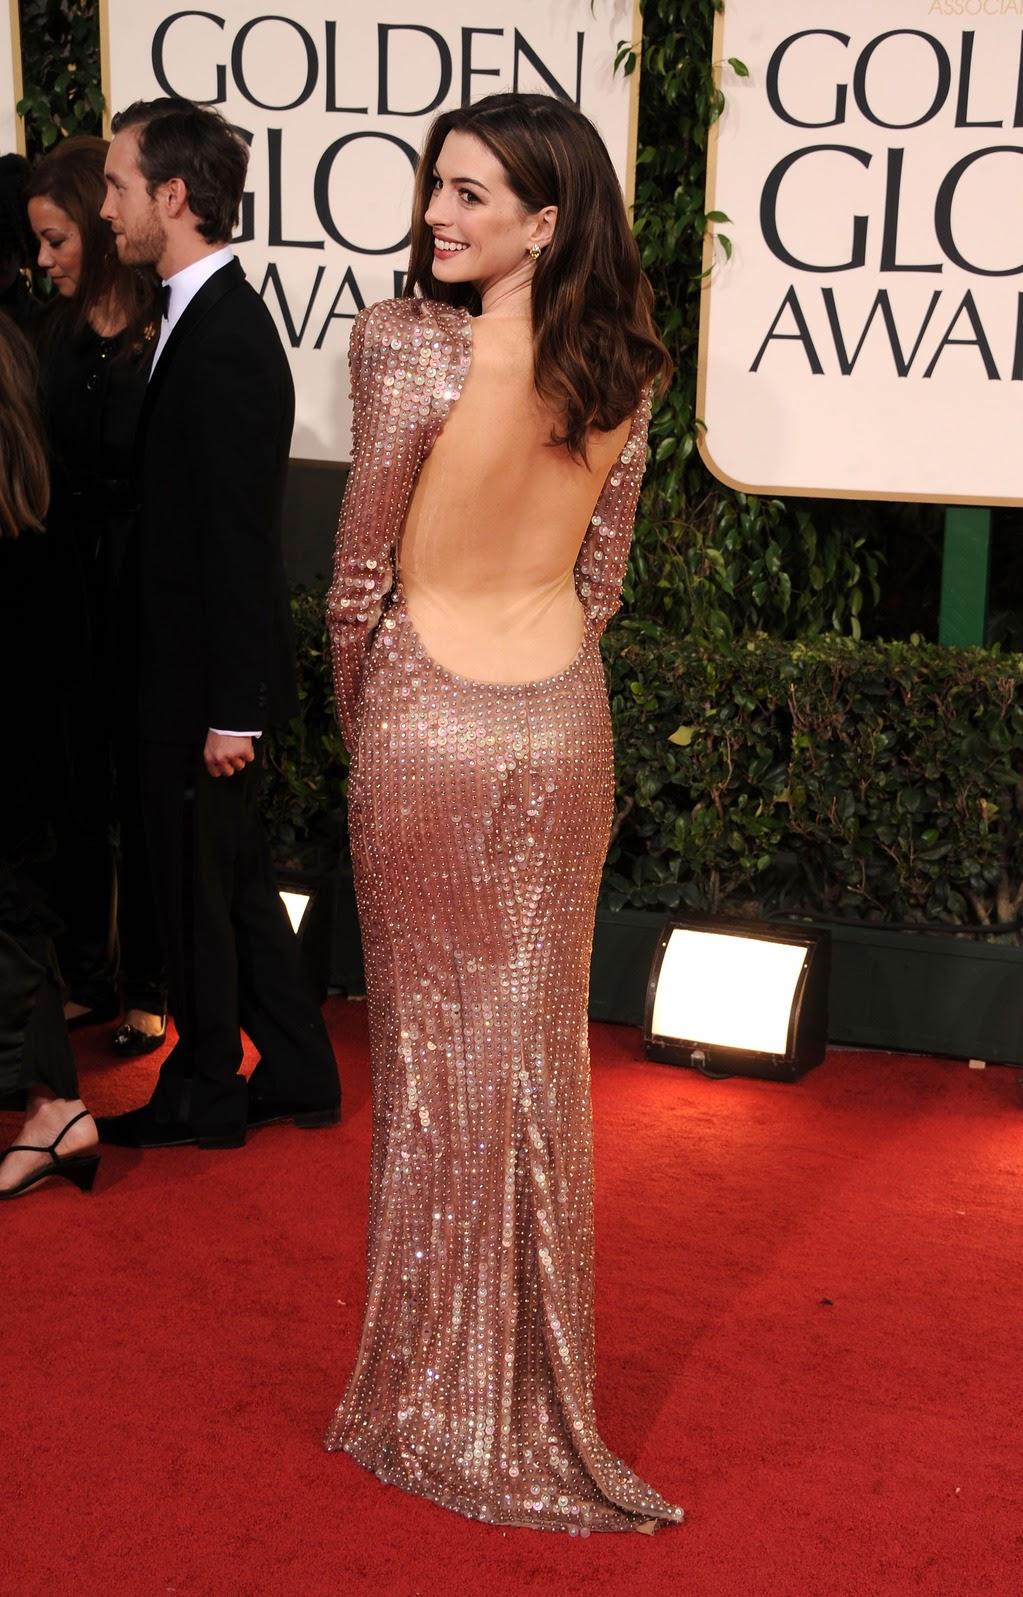 Trên thảm đỏ lễ trao giải Quả Cầu Vàng (tháng 2/2010), Anne vận bộ đầm sapphire của Armani Privé, kết hợp ví cầm tay Roger Vivier cùng trang sức của Georgina Chapman. Đây là bộ cánh được Harper's Bazaar bình chọn là 1 trong 100 trang phục đẹp nhất thảm đỏ mọi thời đại. Nguồn: British Vogue.